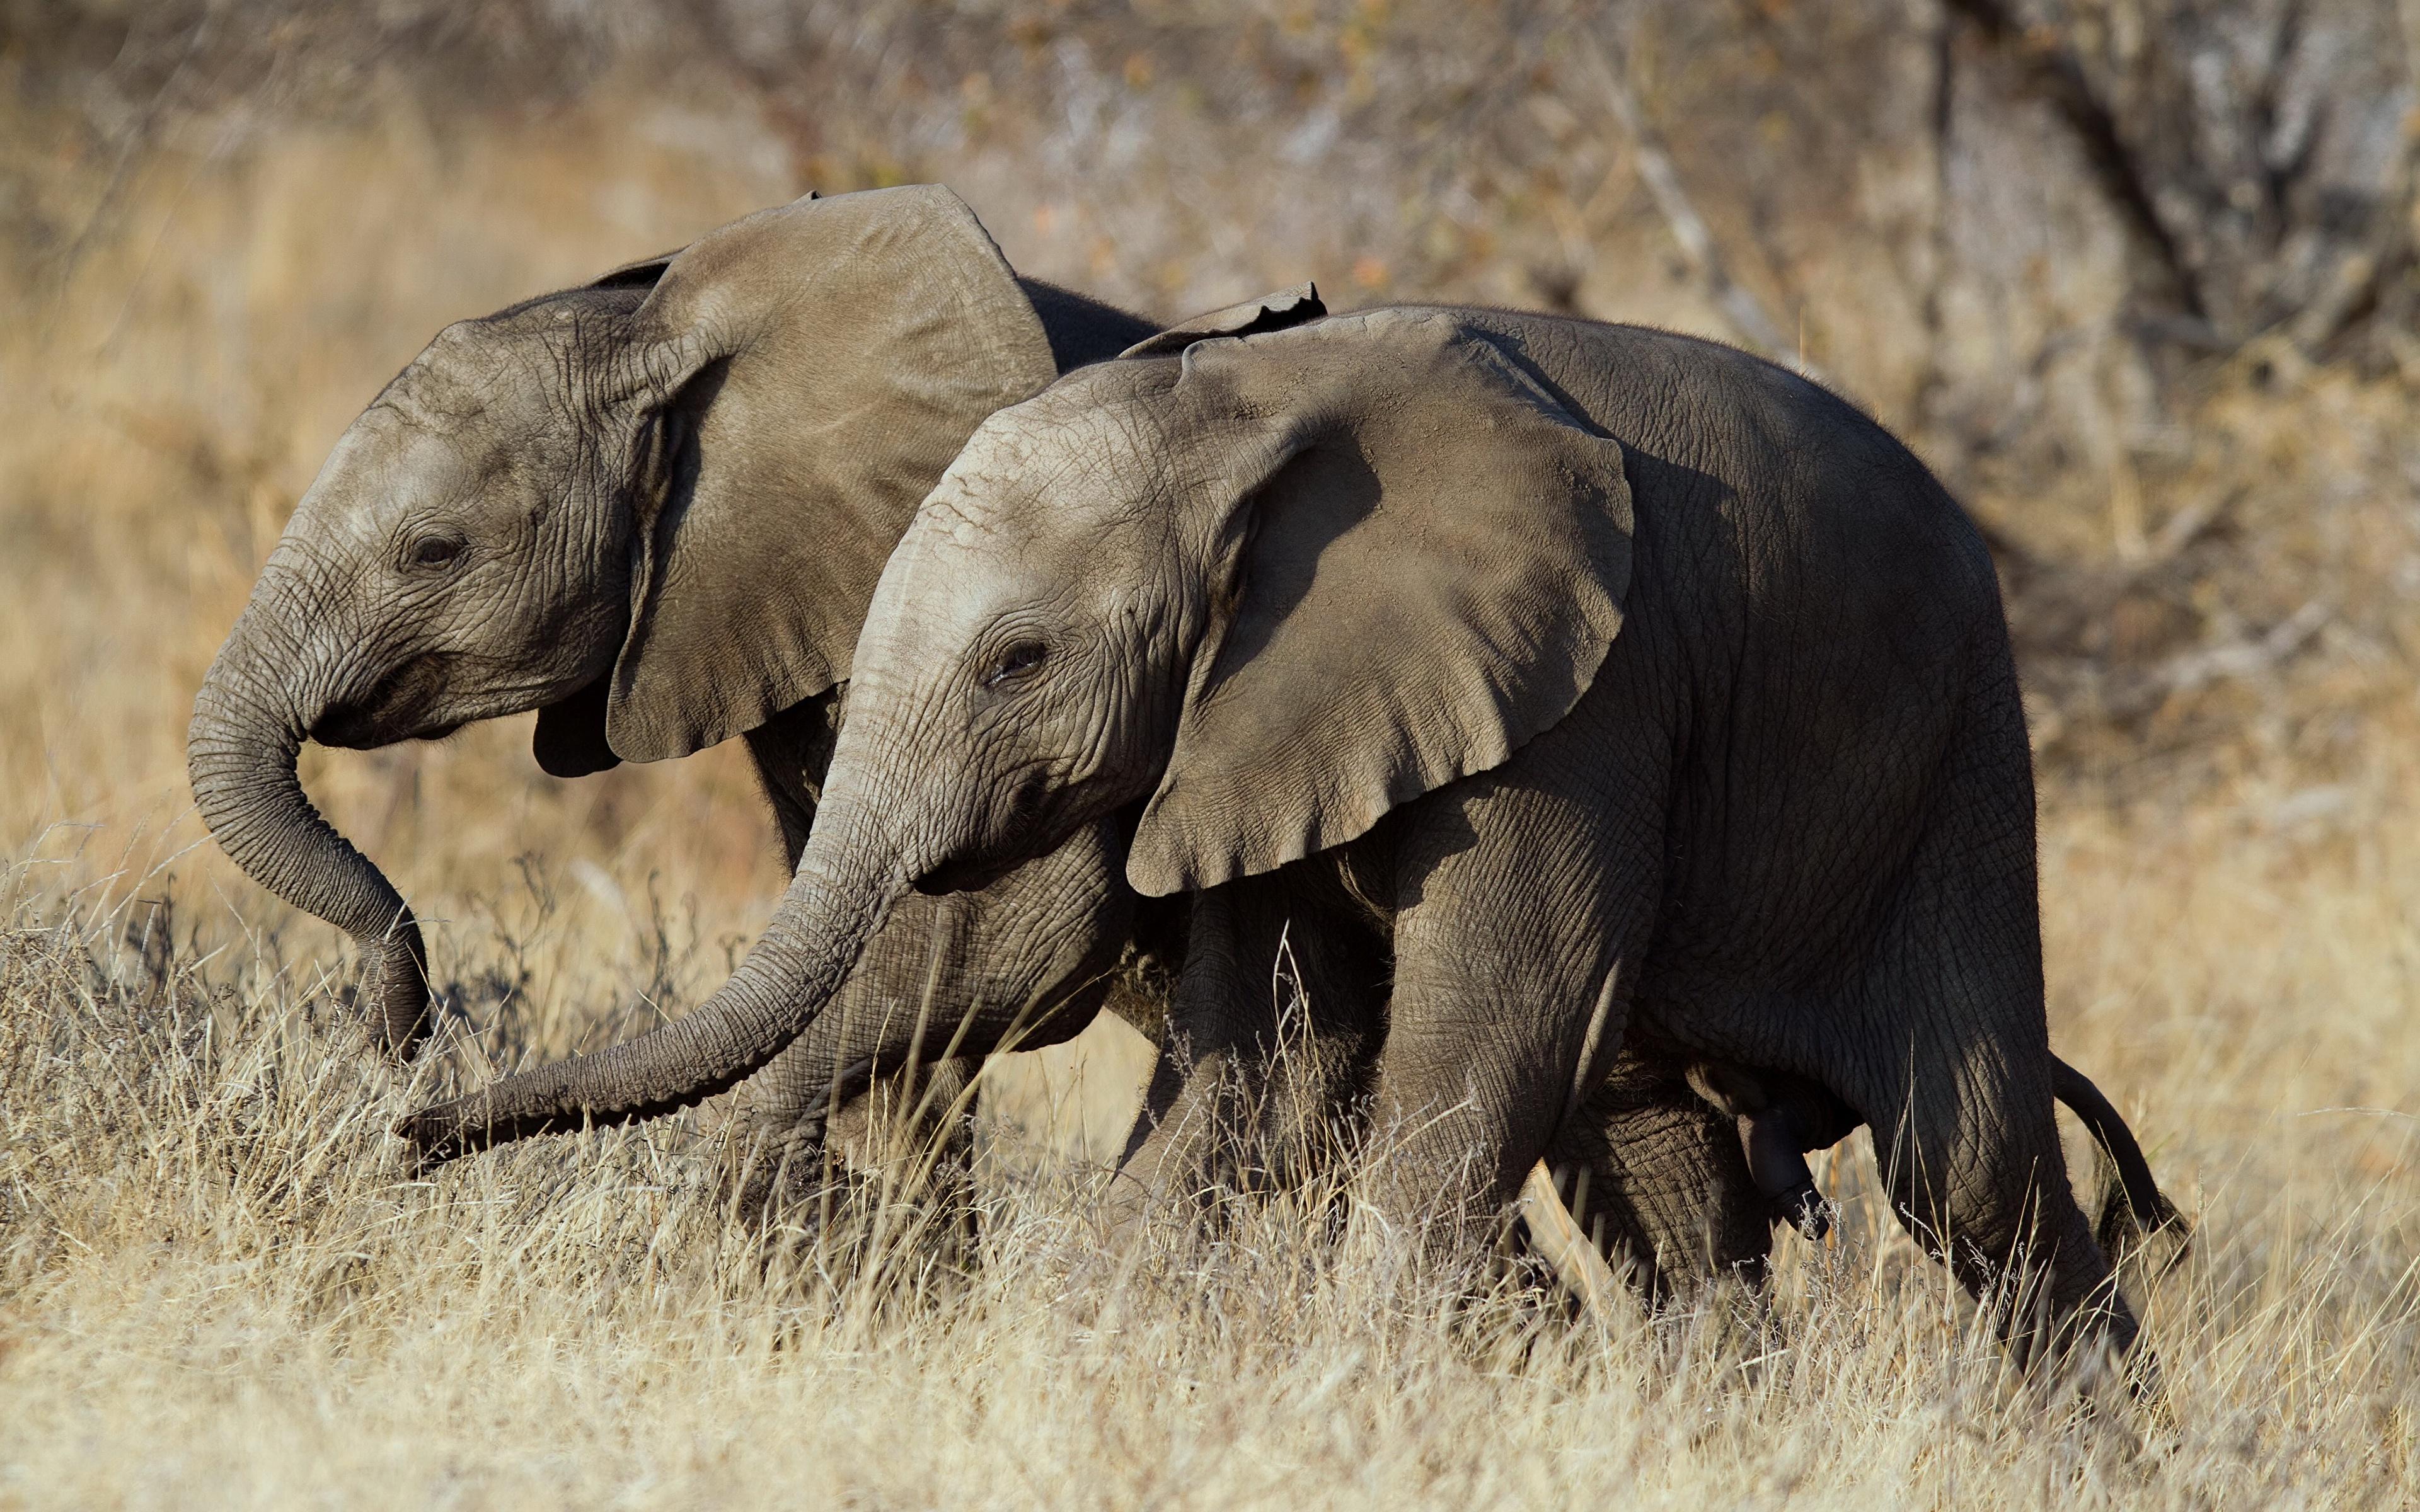 Фотографии слон Двое Животные 3840x2400 Слоны 2 два две вдвоем животное